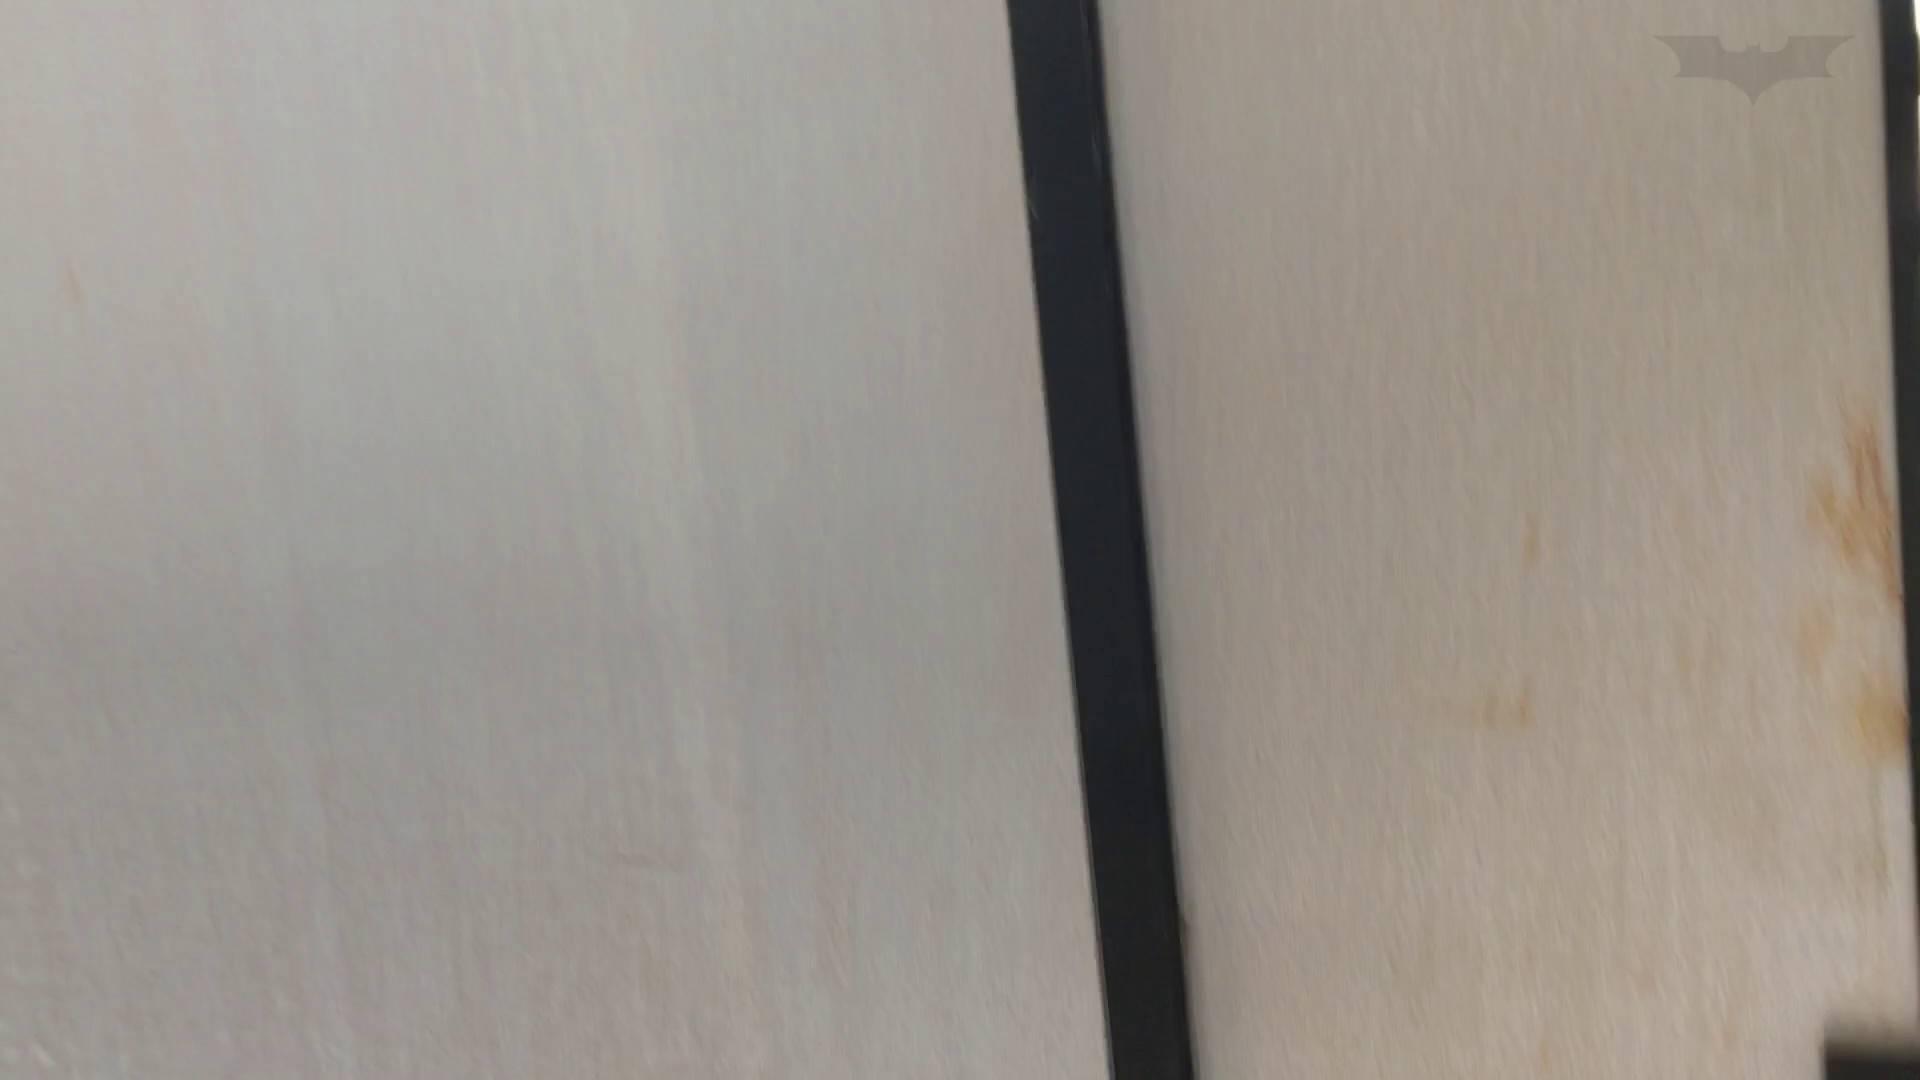 芸術大学ガチ潜入盗撮 JD盗撮 美女の洗面所の秘密 Vol.80 細身女性 | トイレのぞき  69画像 25